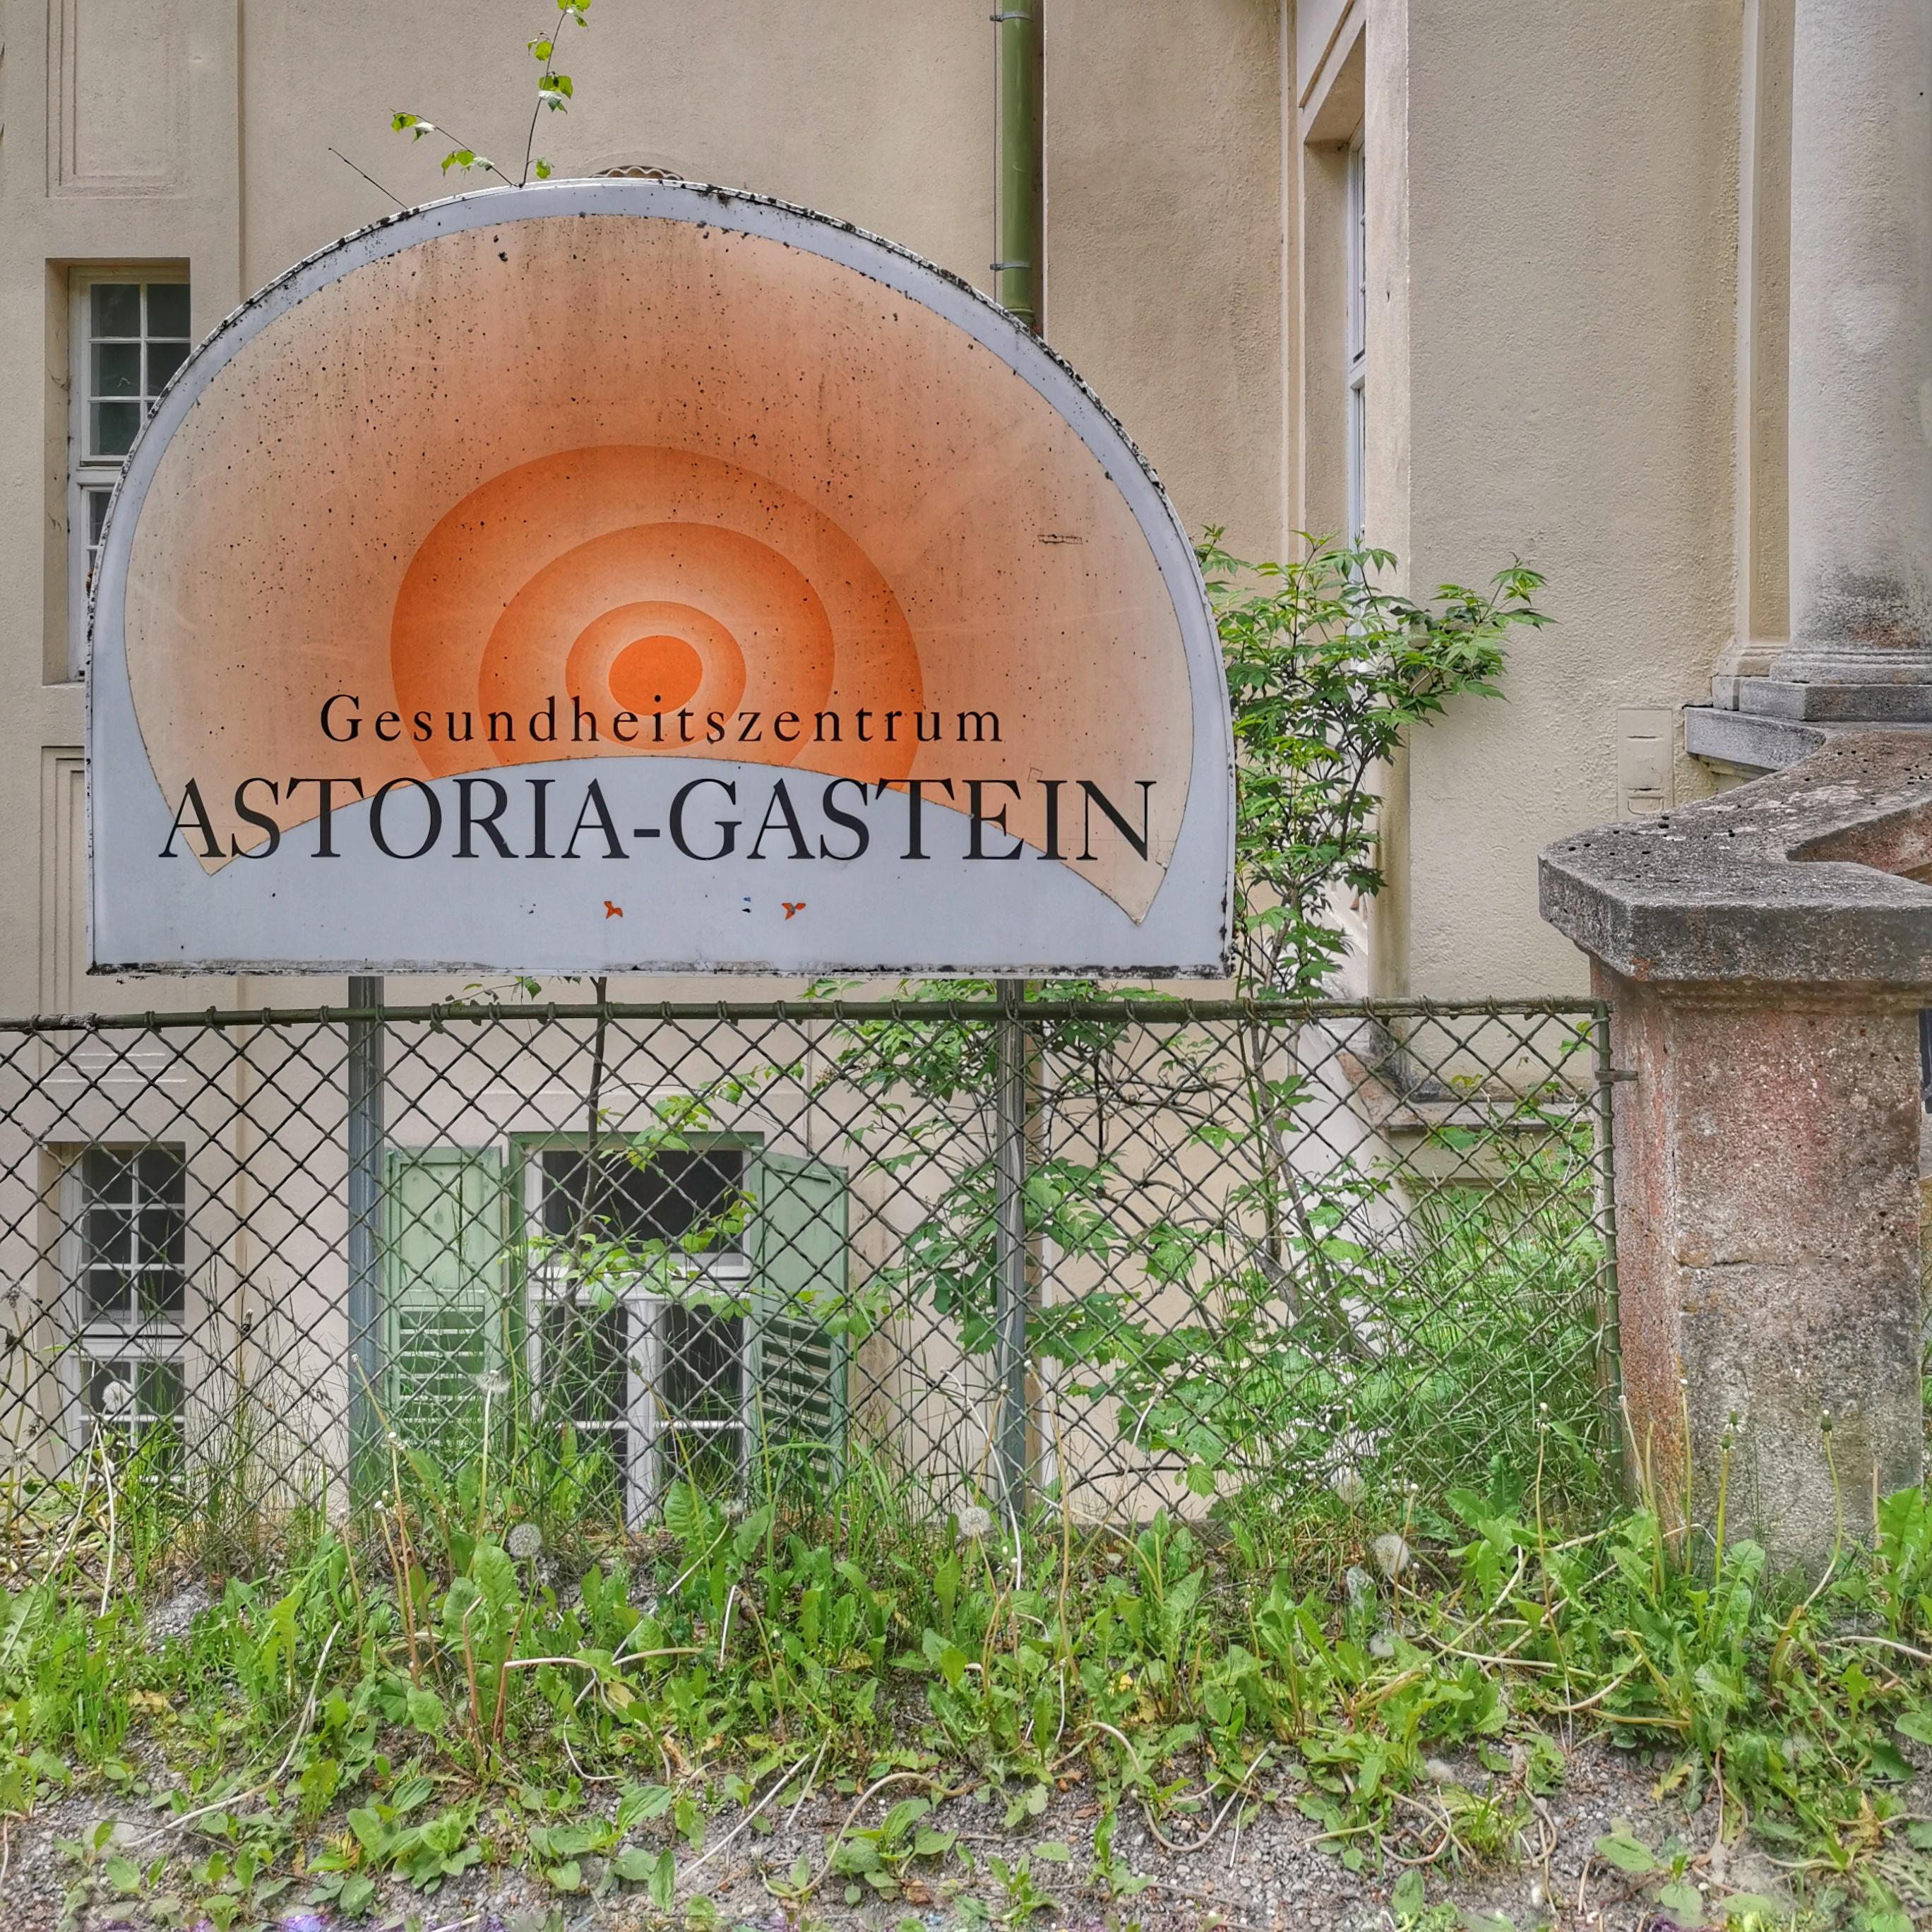 The former Hotel Astoria in Bad Gastein